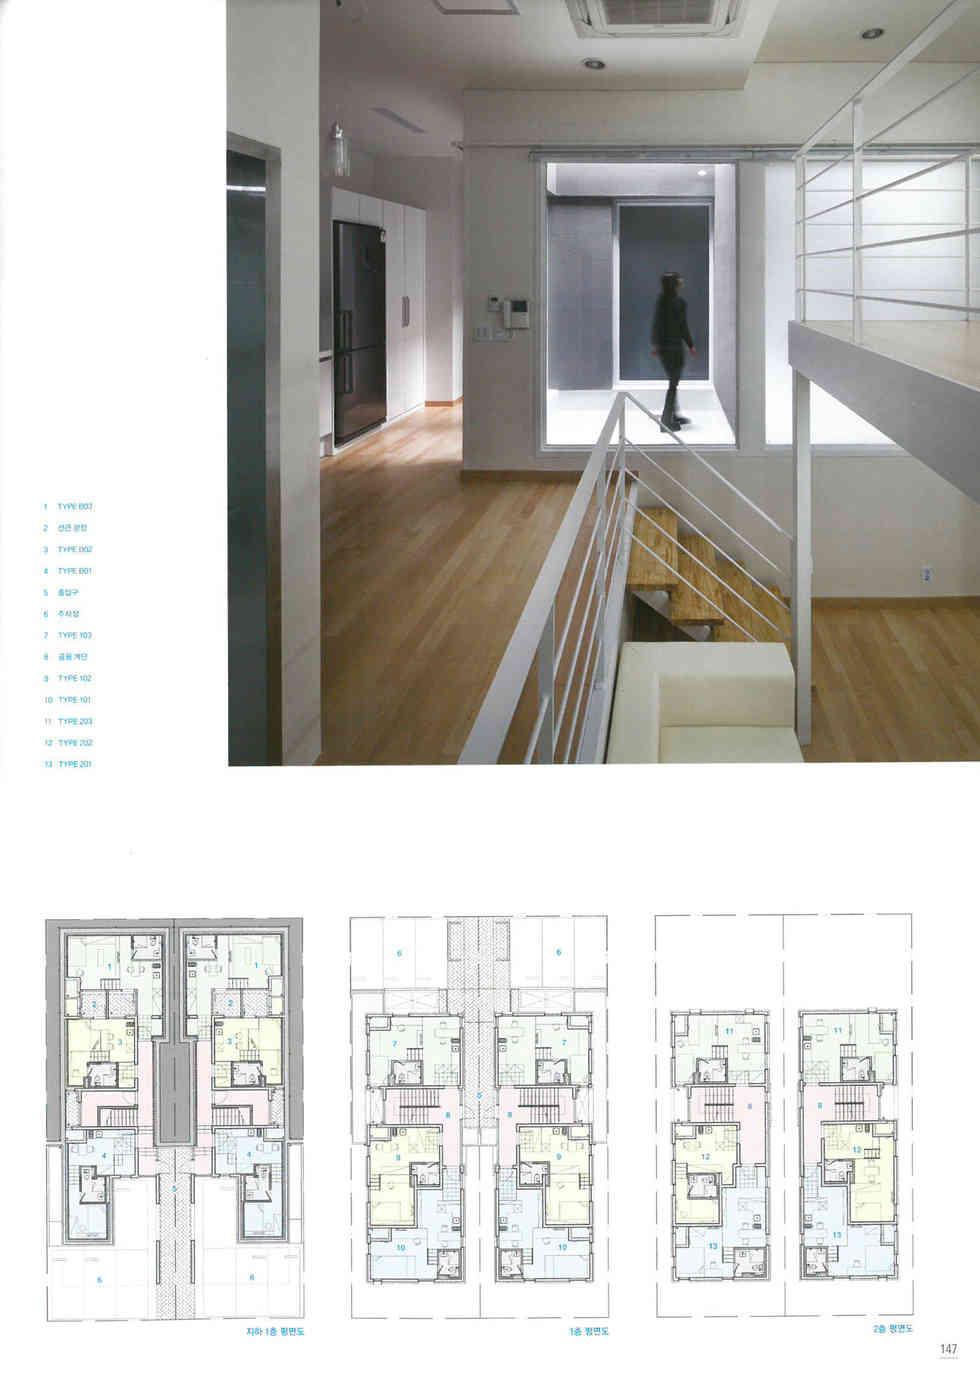 건축문화372_역삼 skip puzzle house-8.jpg